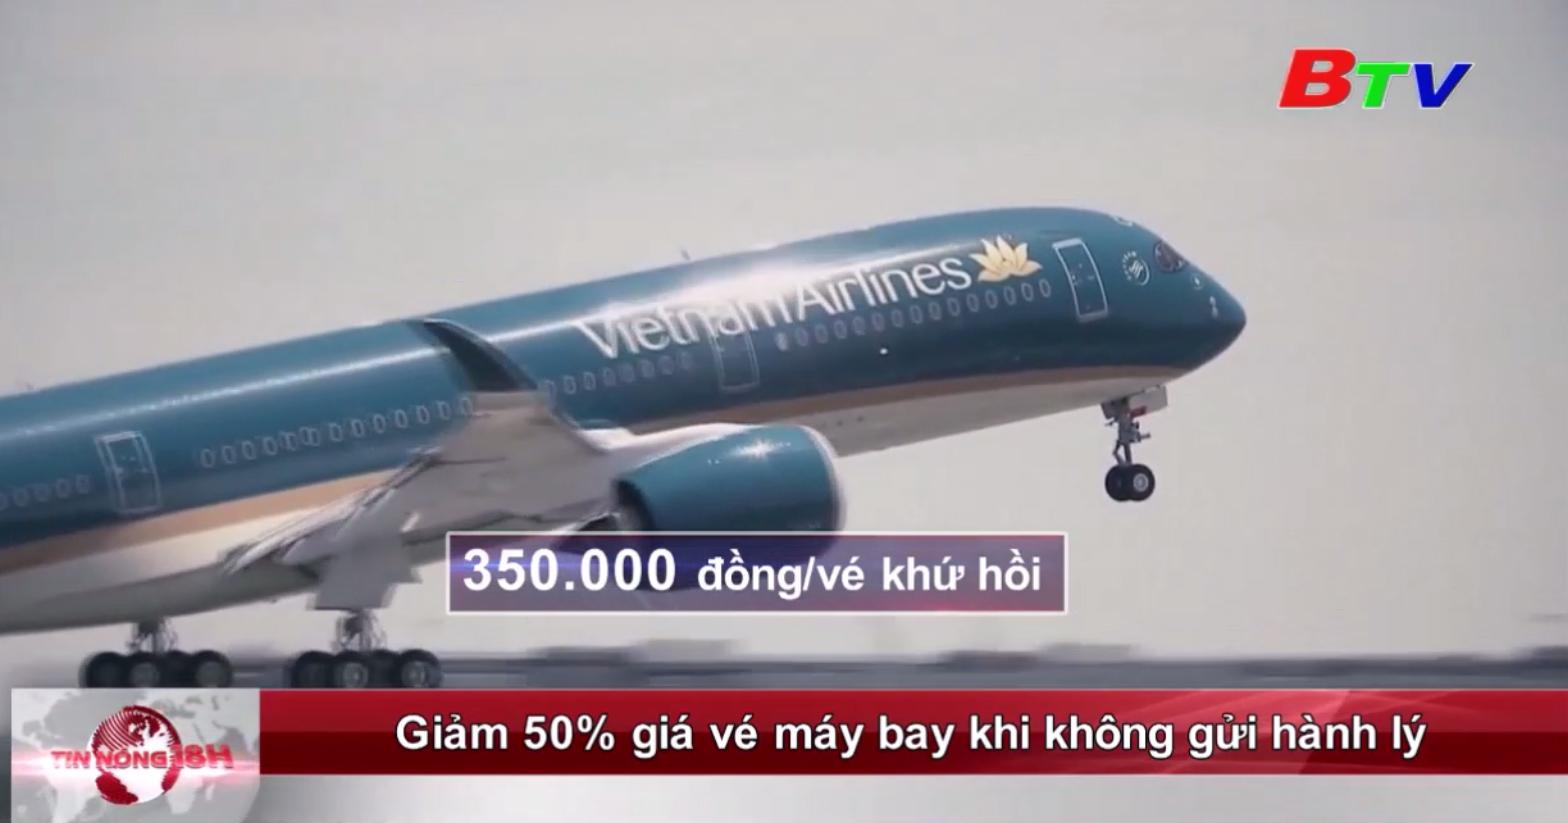 Giảm 50% giá vé máy bay khi không gửi hành lý